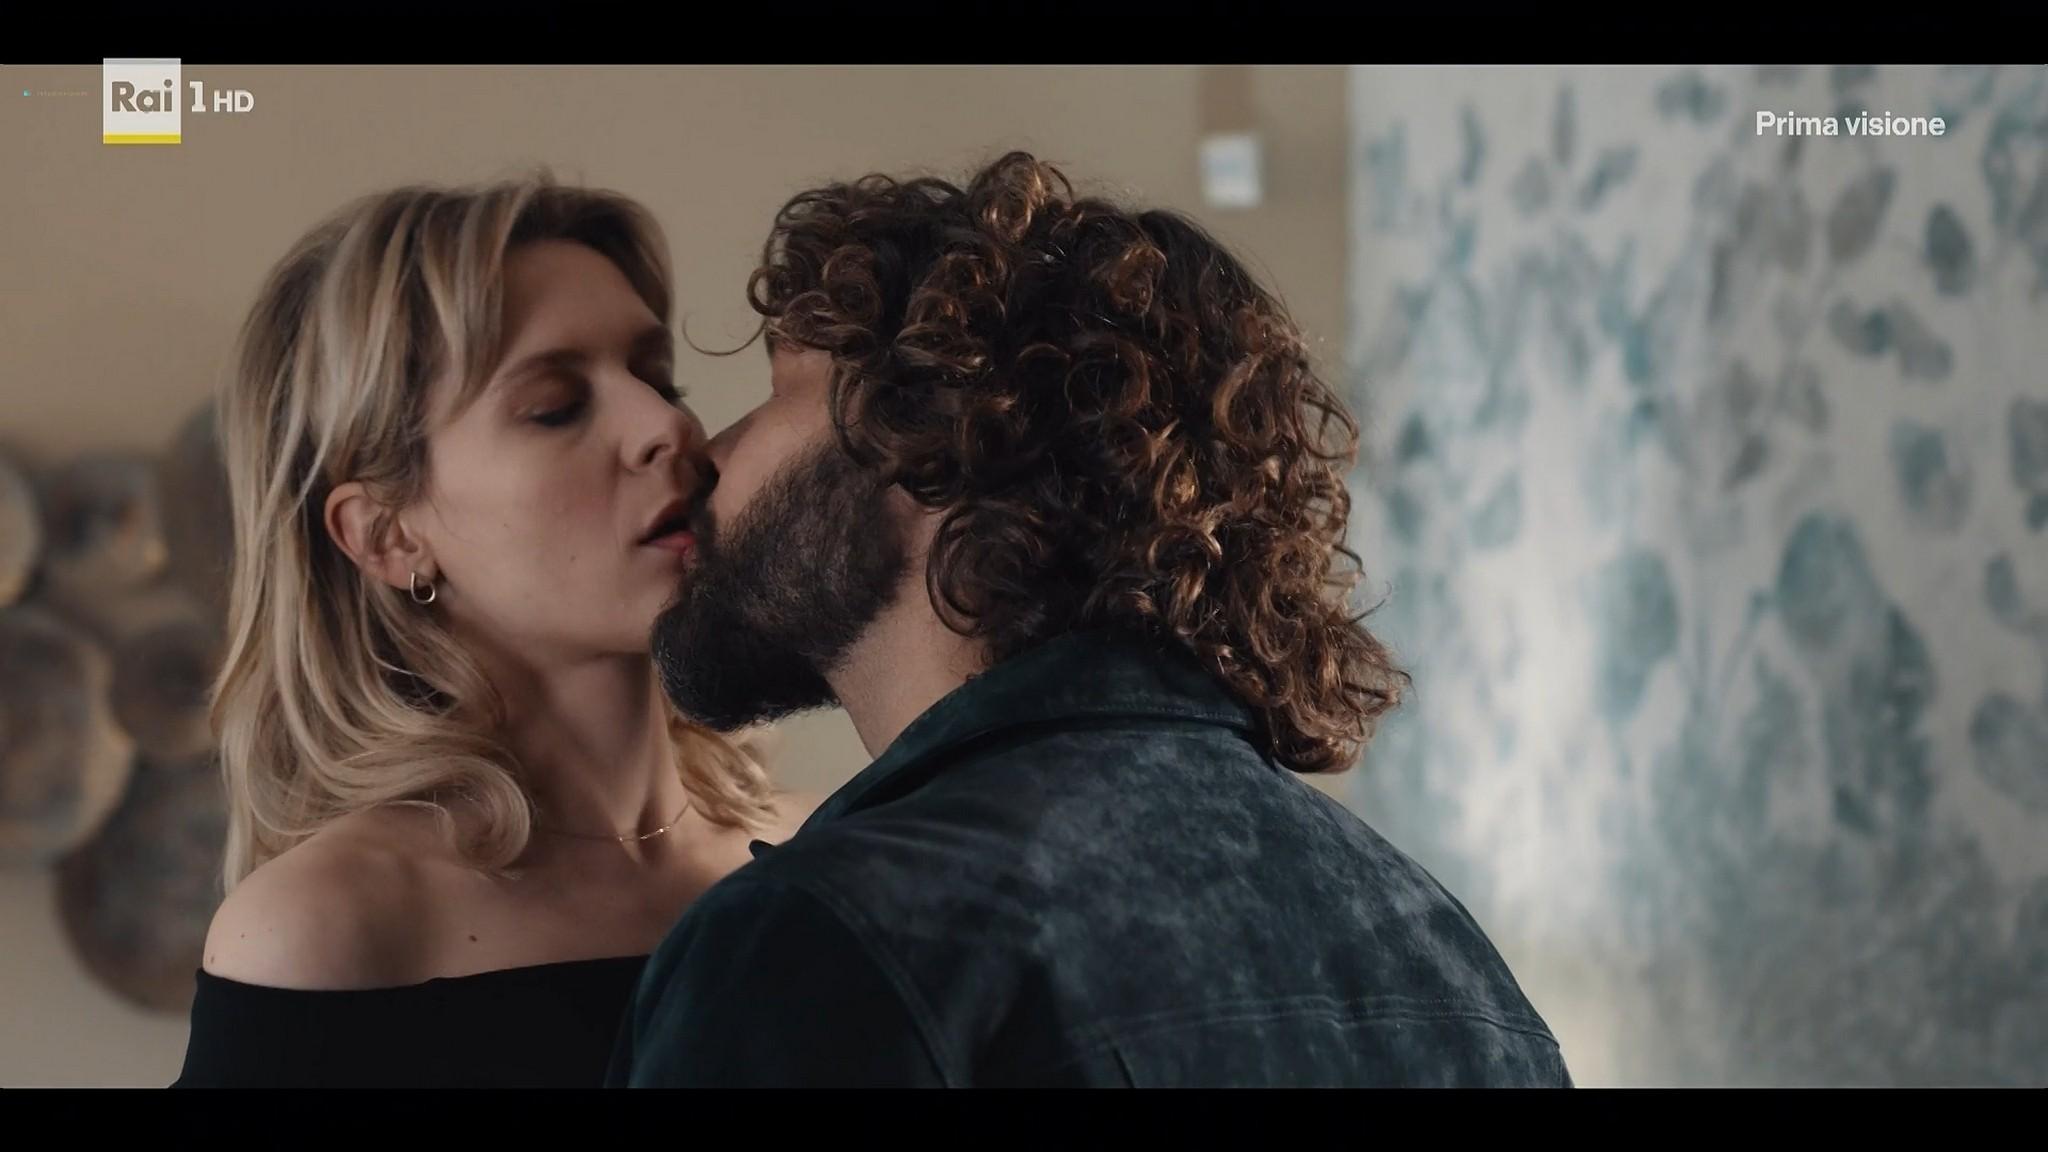 Cristiana Capotondi nude and sex Giulia Arena Elena Radonicich sexy Bella Da Morire IT 2020 s1e 1 4 HDTV 1080p 11